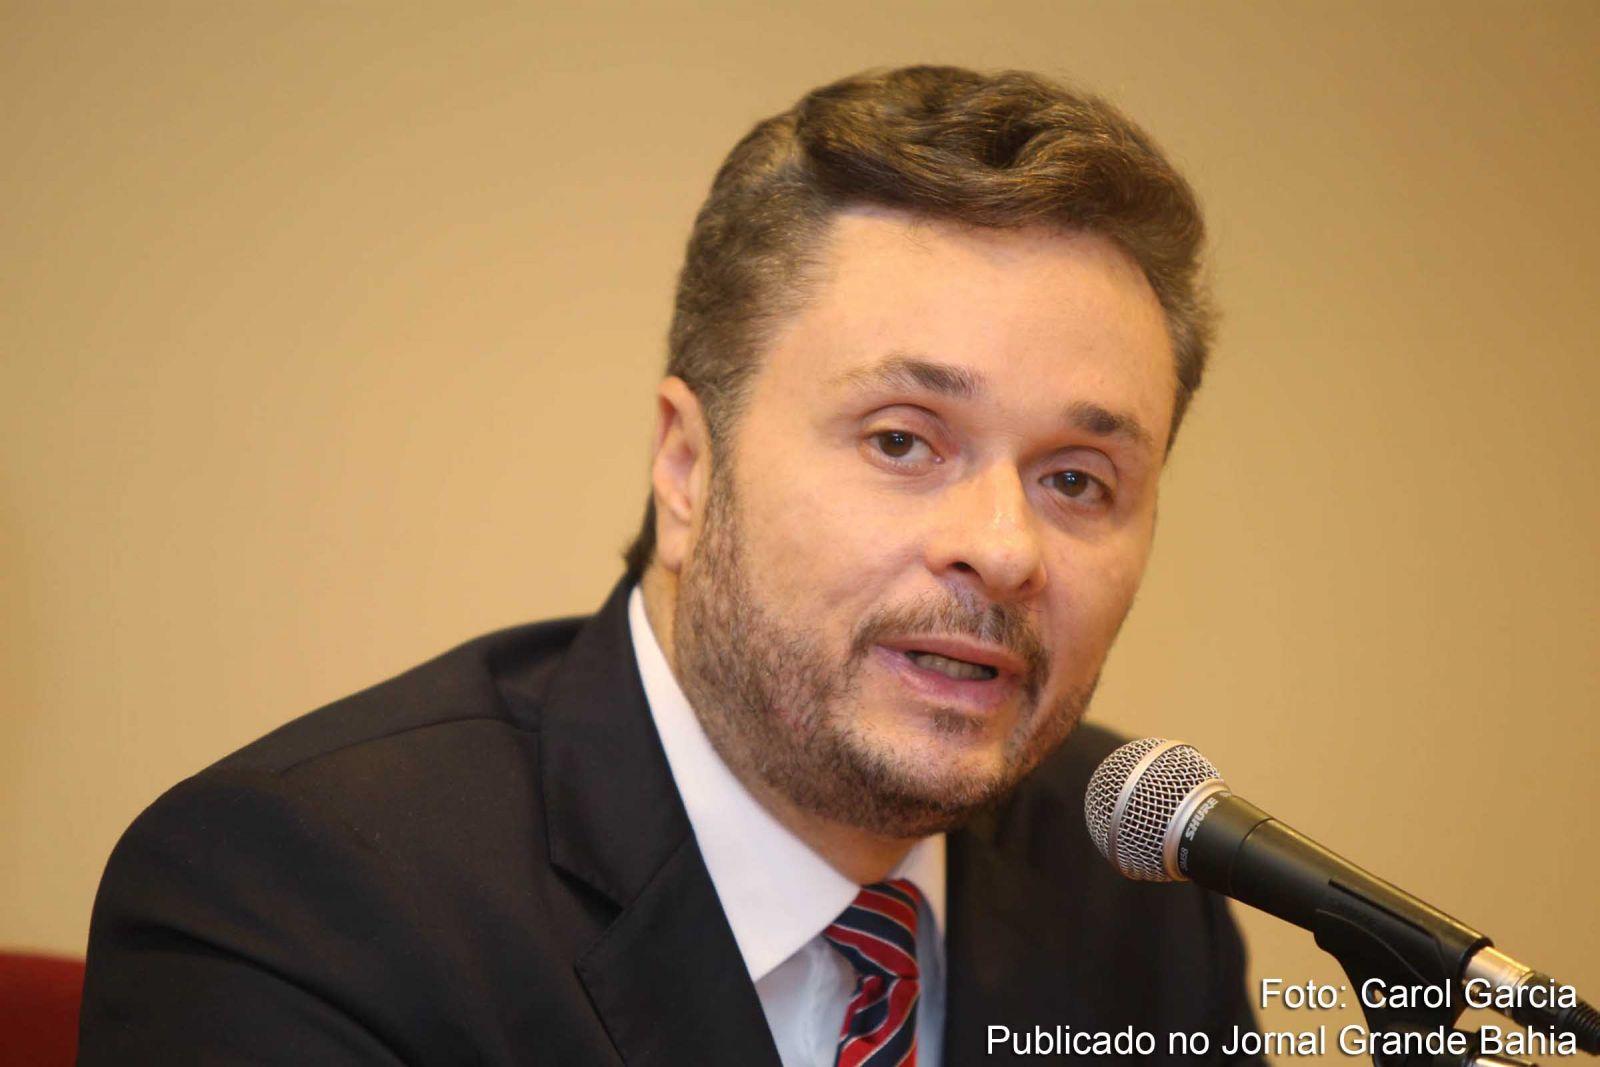 Manoel Vitorino Sec. da Fazenda da Bahia( a Bahia manteve o segundo lugar em volume de investimentos públicos no país em 2017)